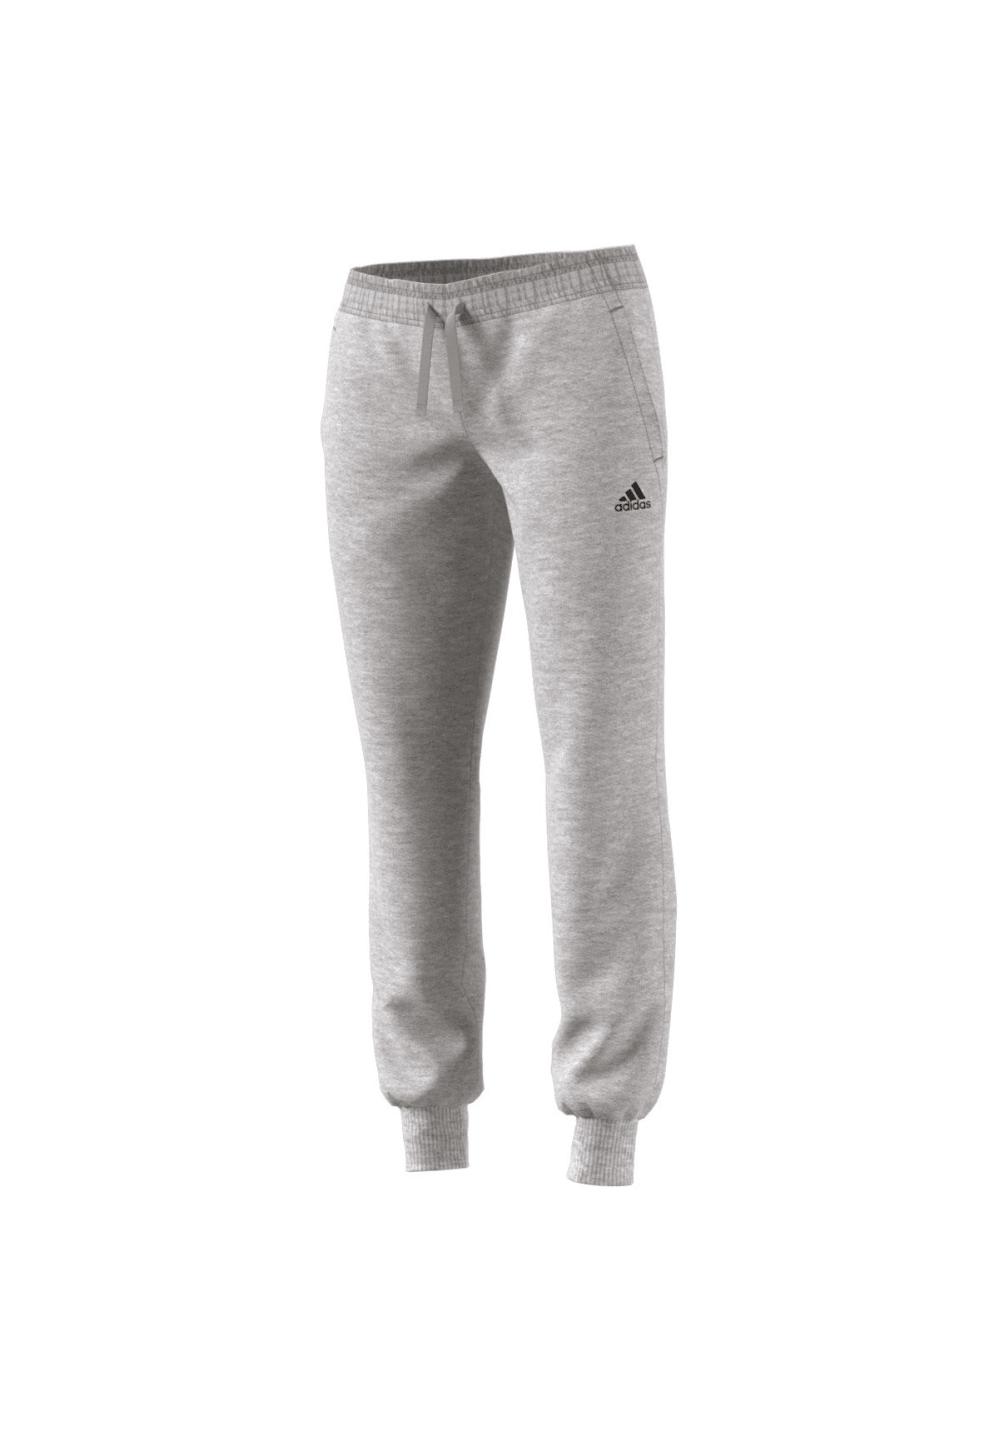 adidas Essentials Solid Pant - Fitnesshosen für Damen - Grau